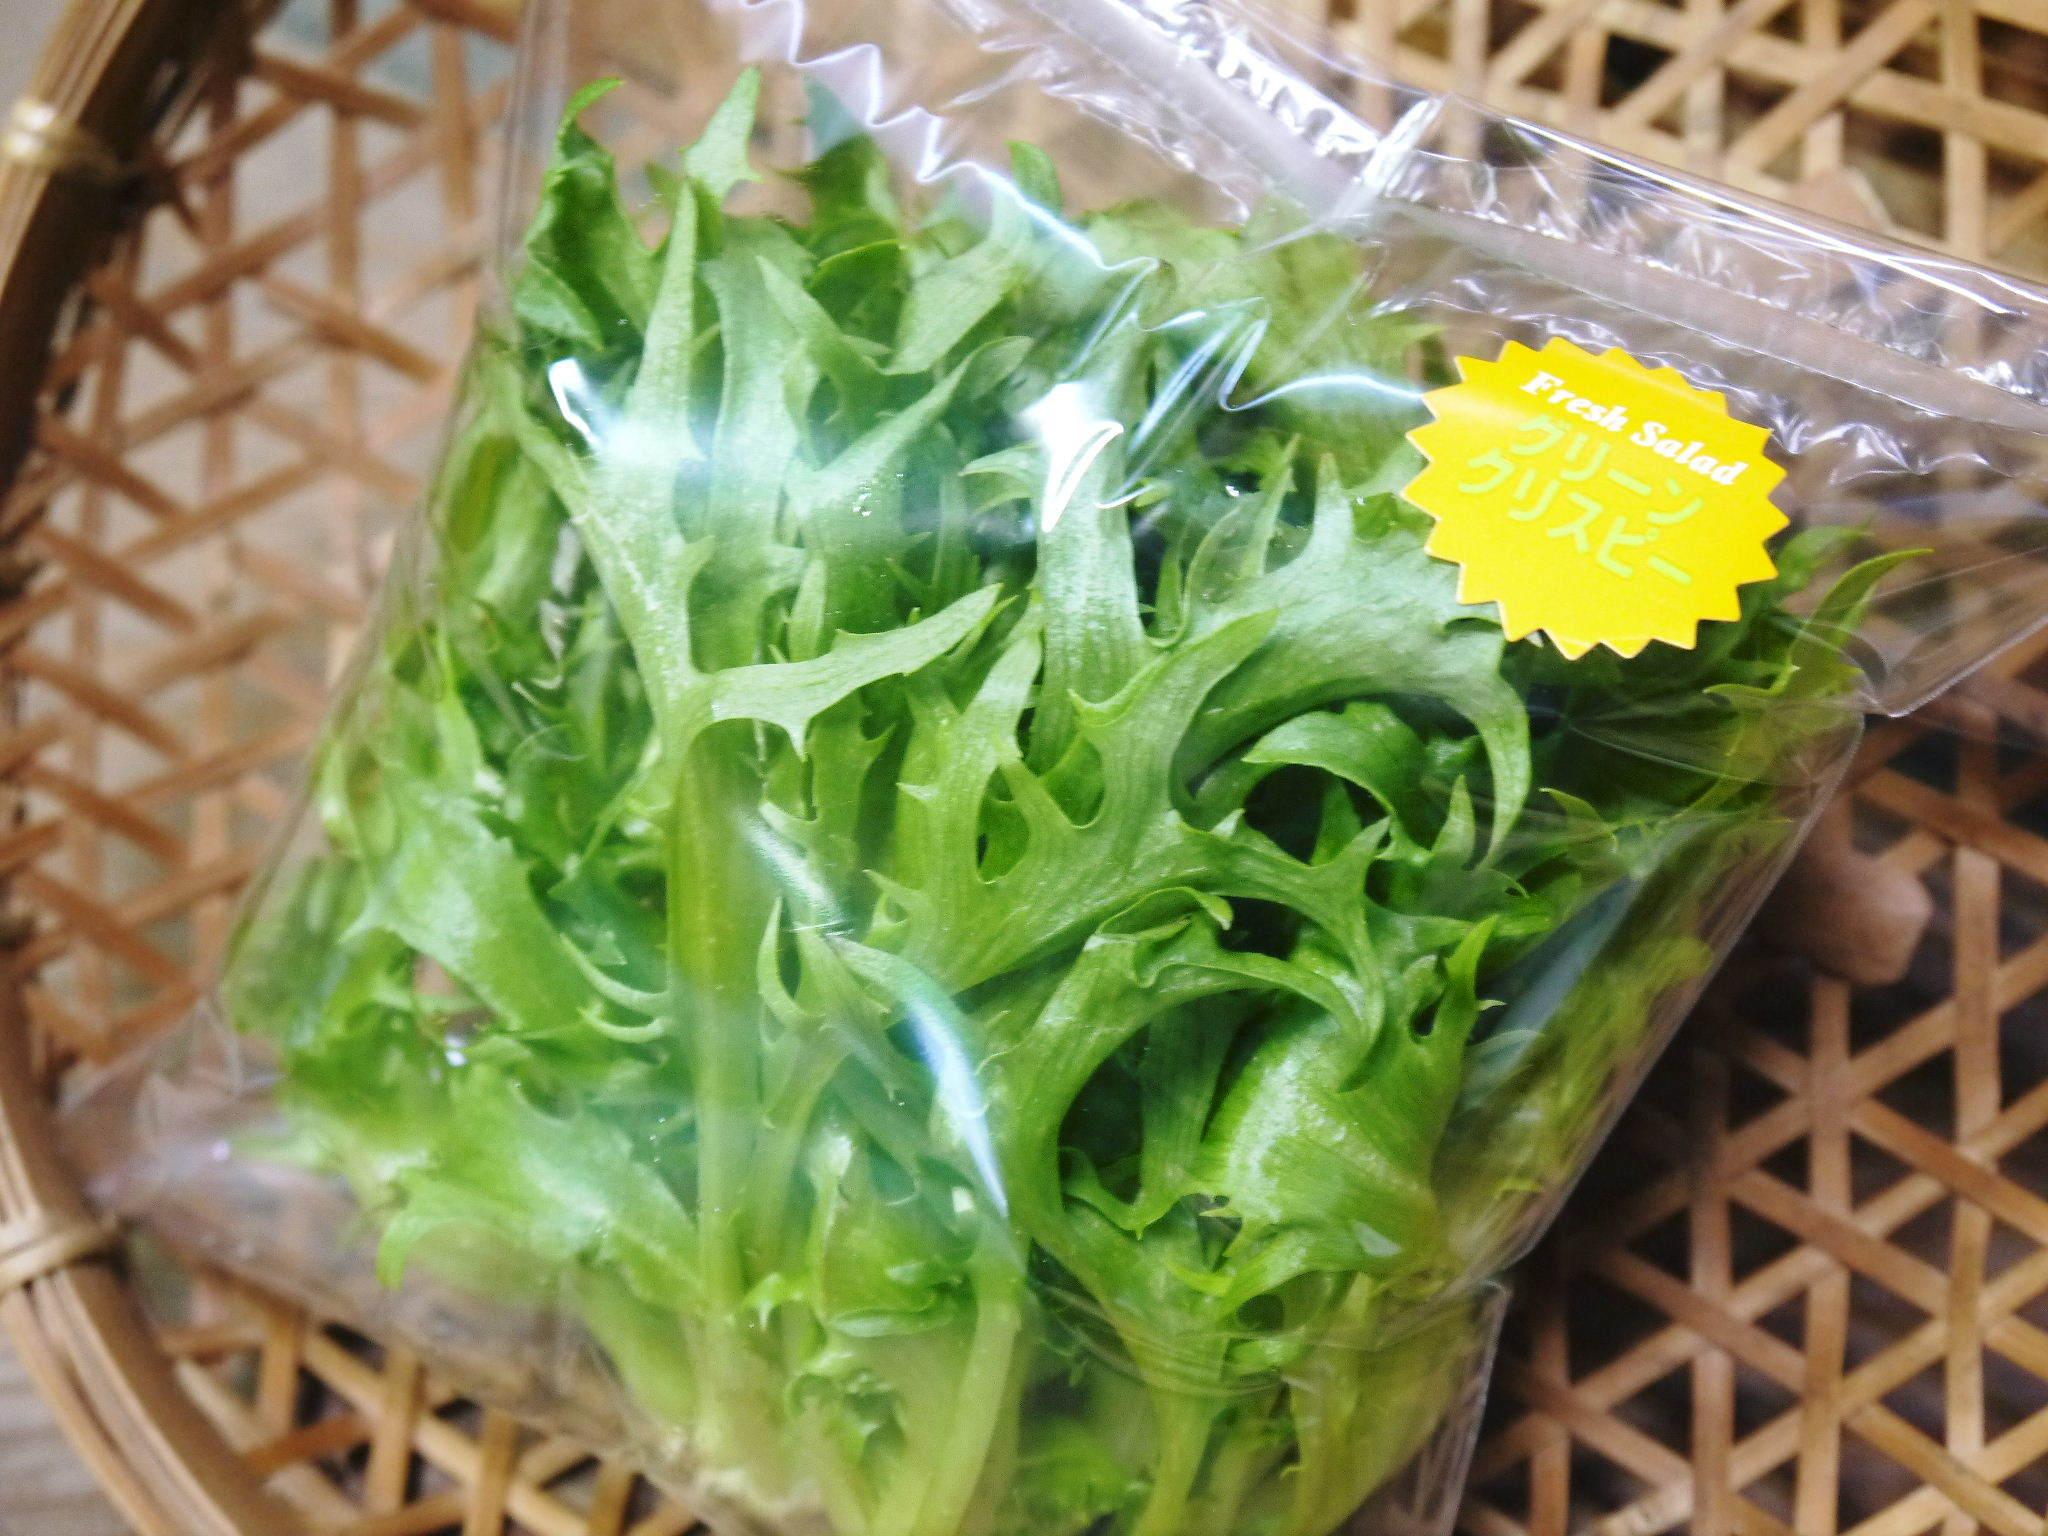 水耕栽培の新鮮野菜 無農薬栽培の生野菜!新商品!「グリーンクリスピー」の販売に向けて!_a0254656_17410202.jpg